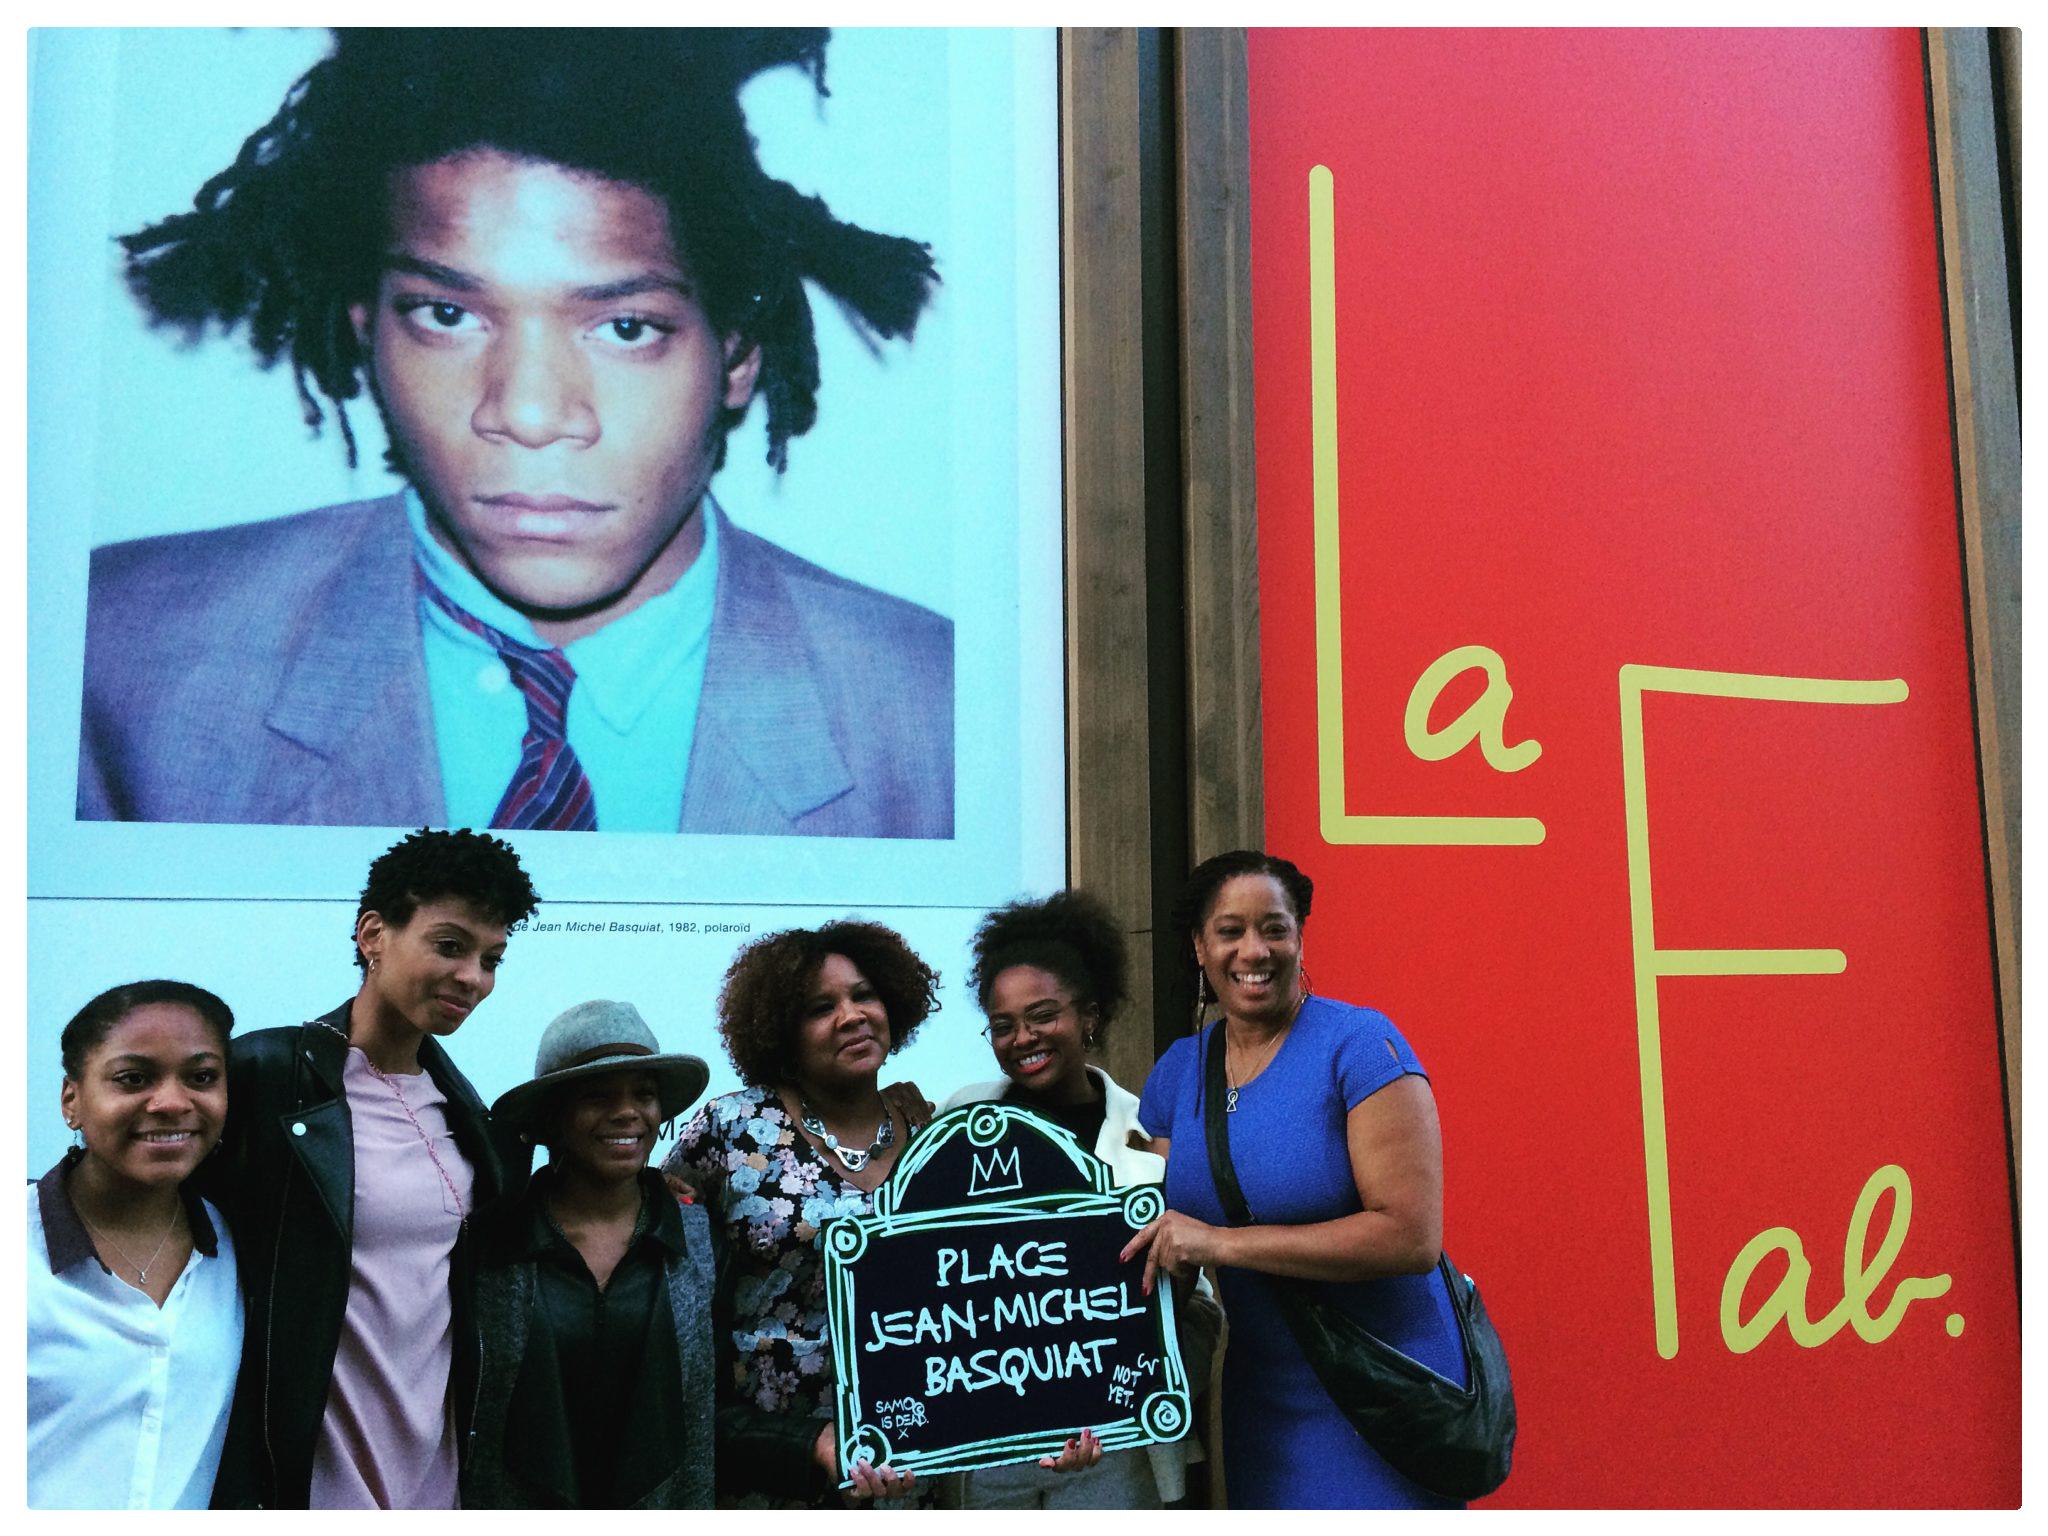 la-fab.-2018-inauguration-de-la-place-Jean-Miche-l-Basquiat-avec-sa-famille-scaled 2